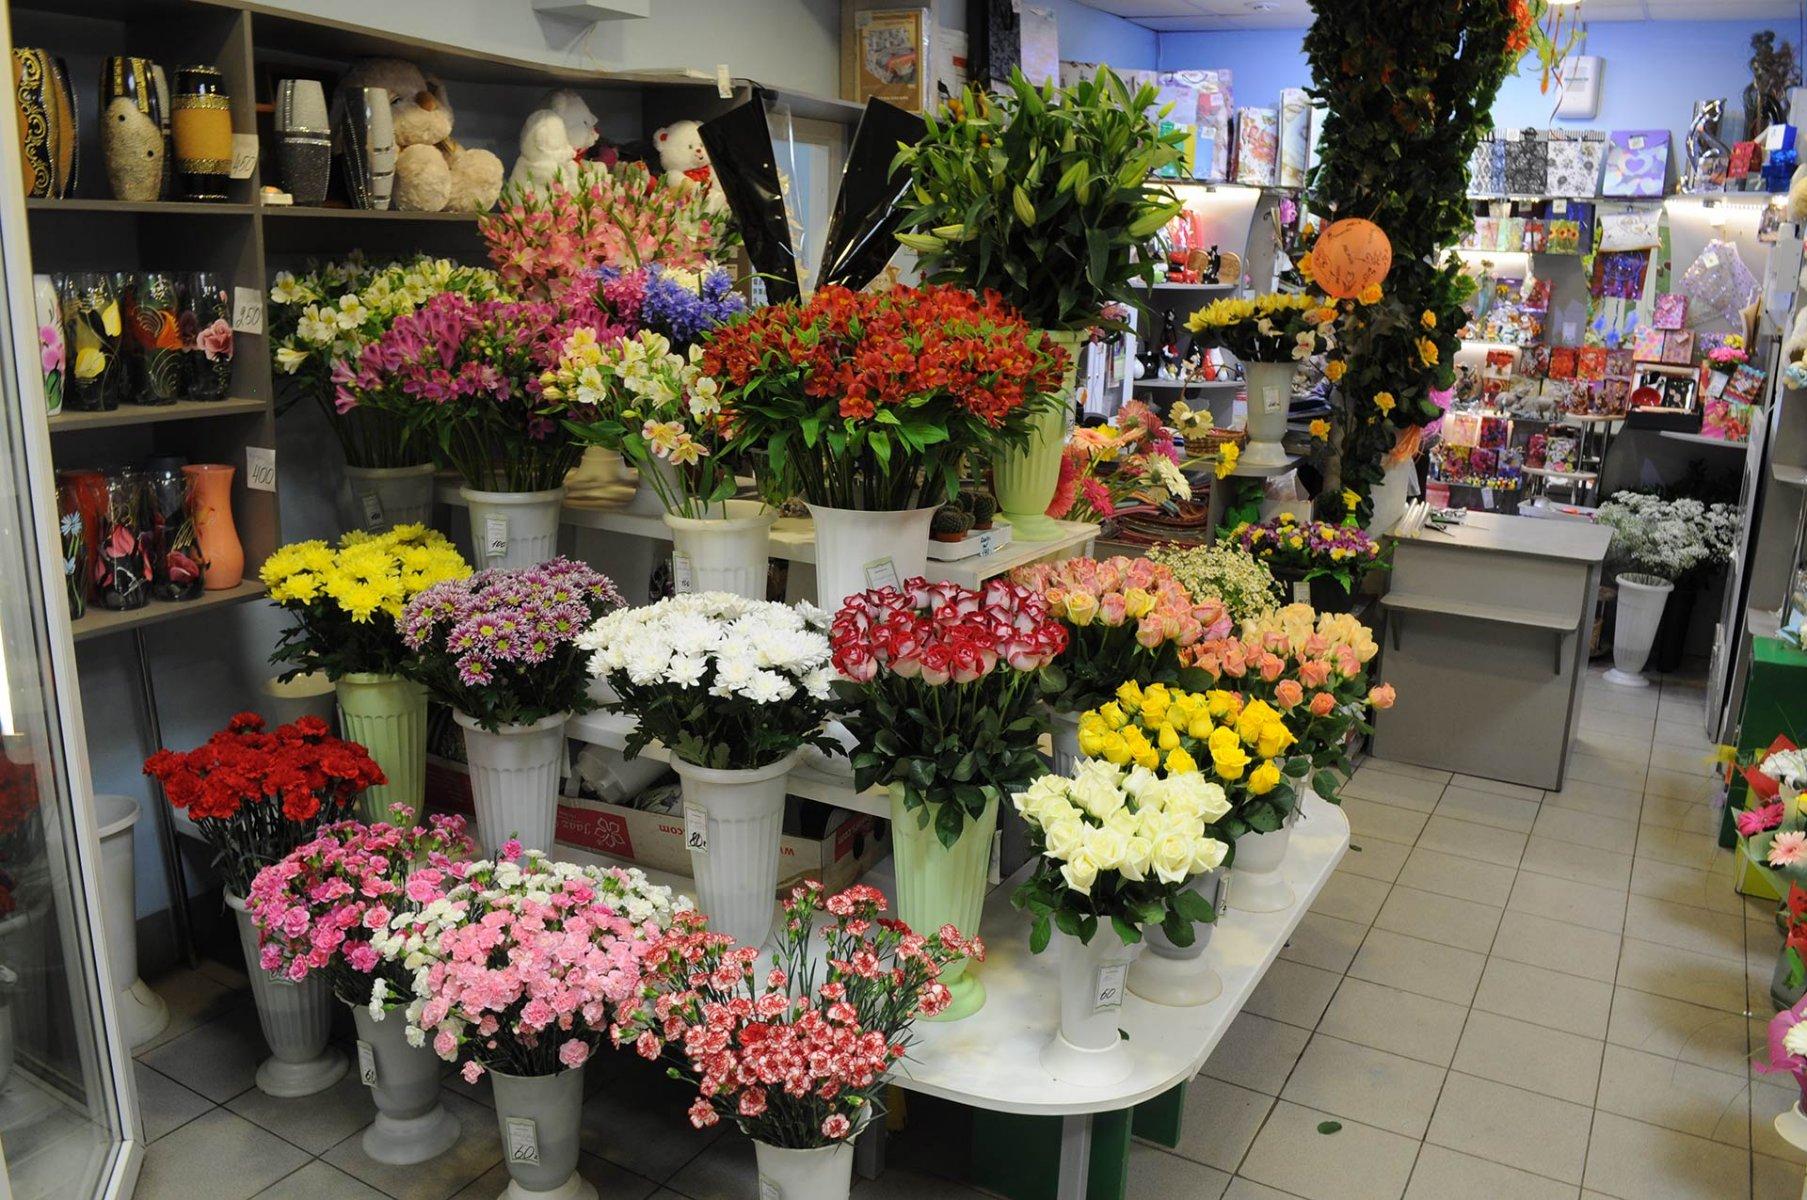 Доставка цветов магазин цветов и подарков ижевск, кирове свадебный букет